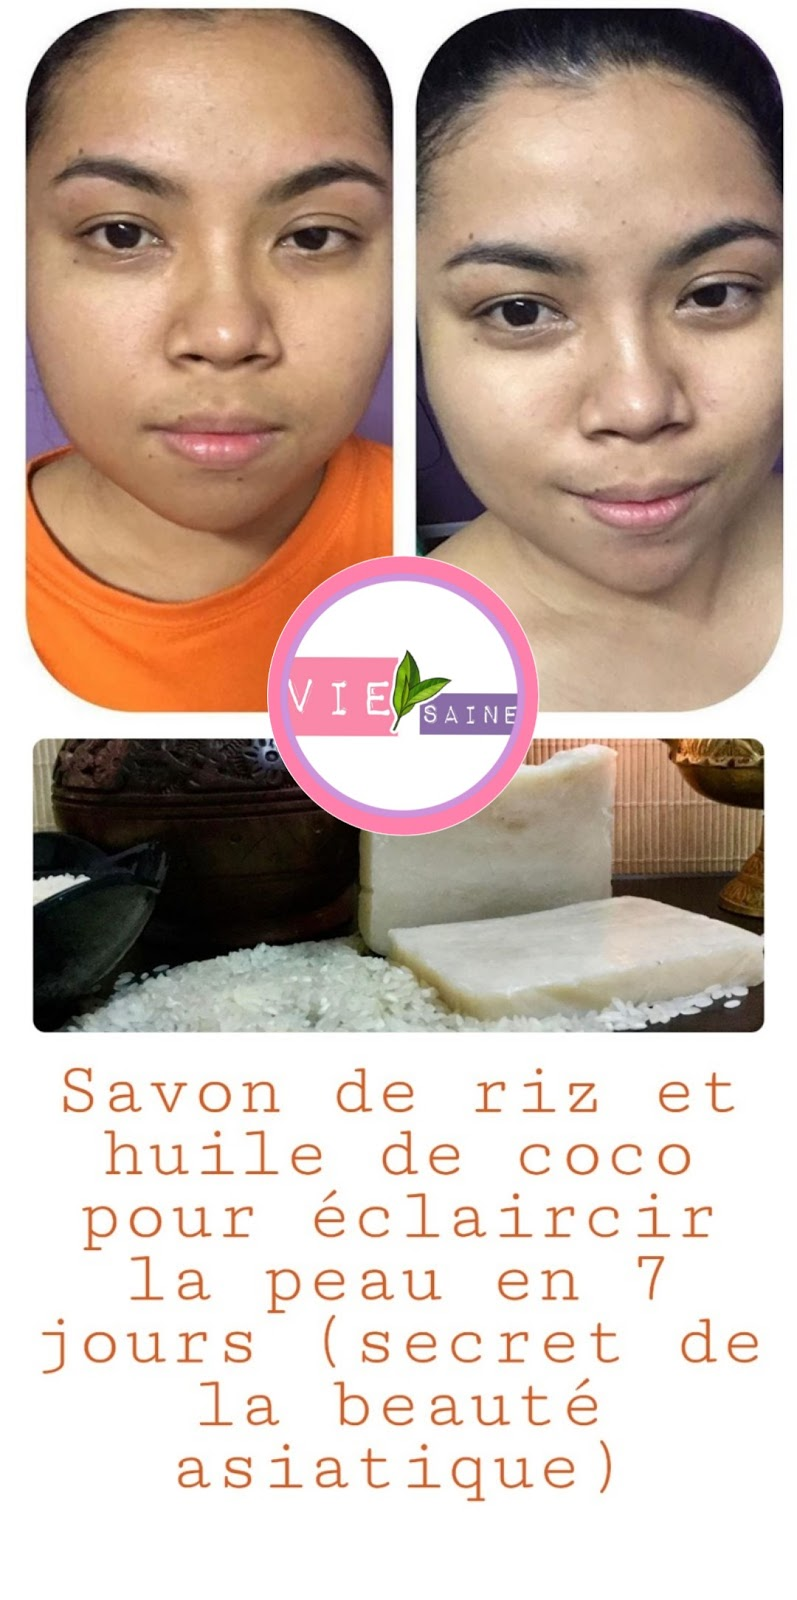 Savon de riz et huile de coco pour éclaircir la peau en 7 jours (secret de la beauté asiatique)